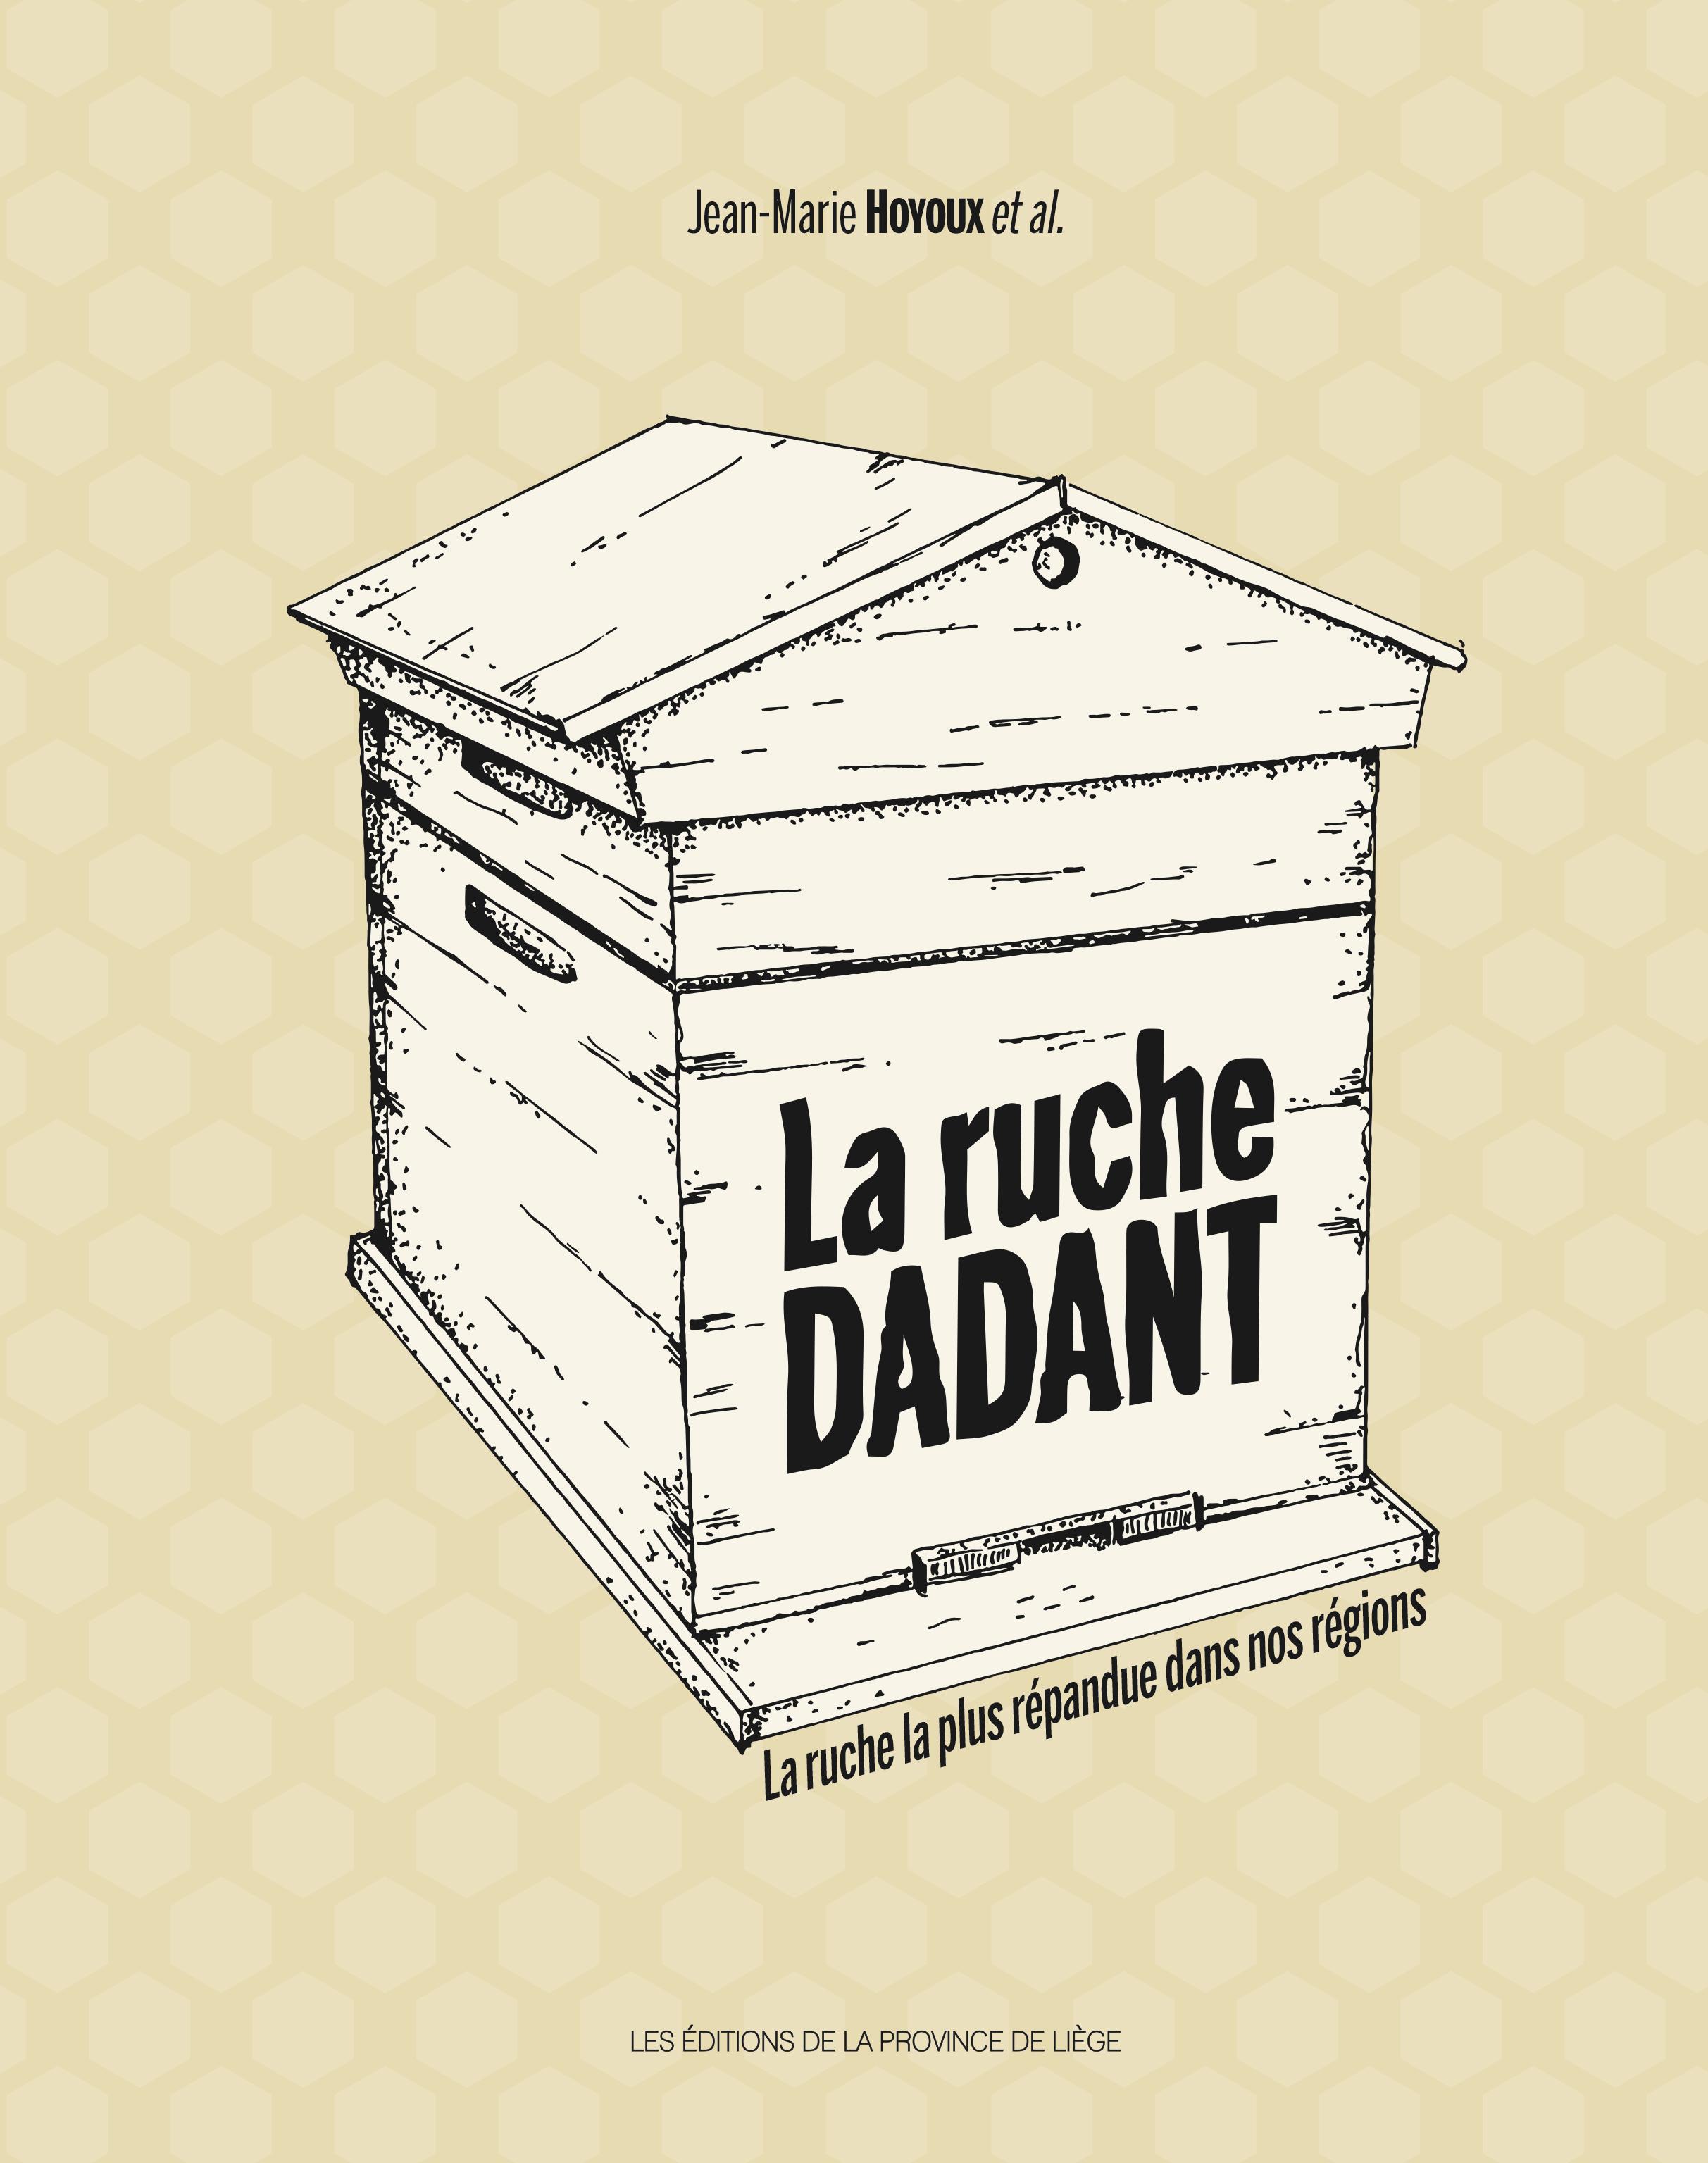 La ruche Dadant